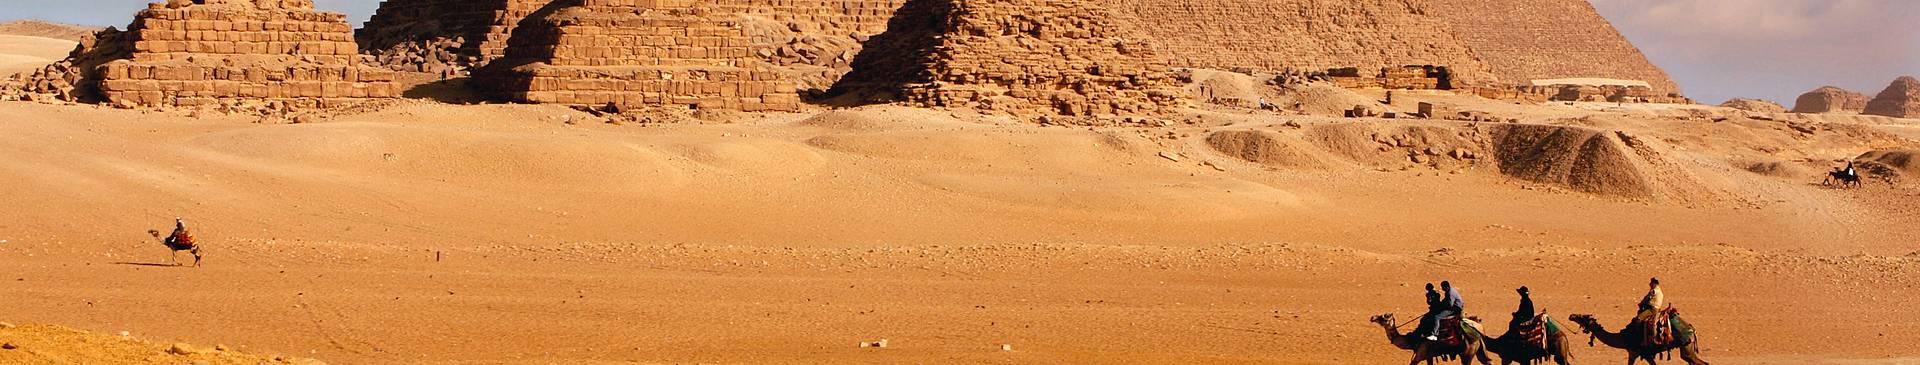 Viaggi nel deserto in Egitto